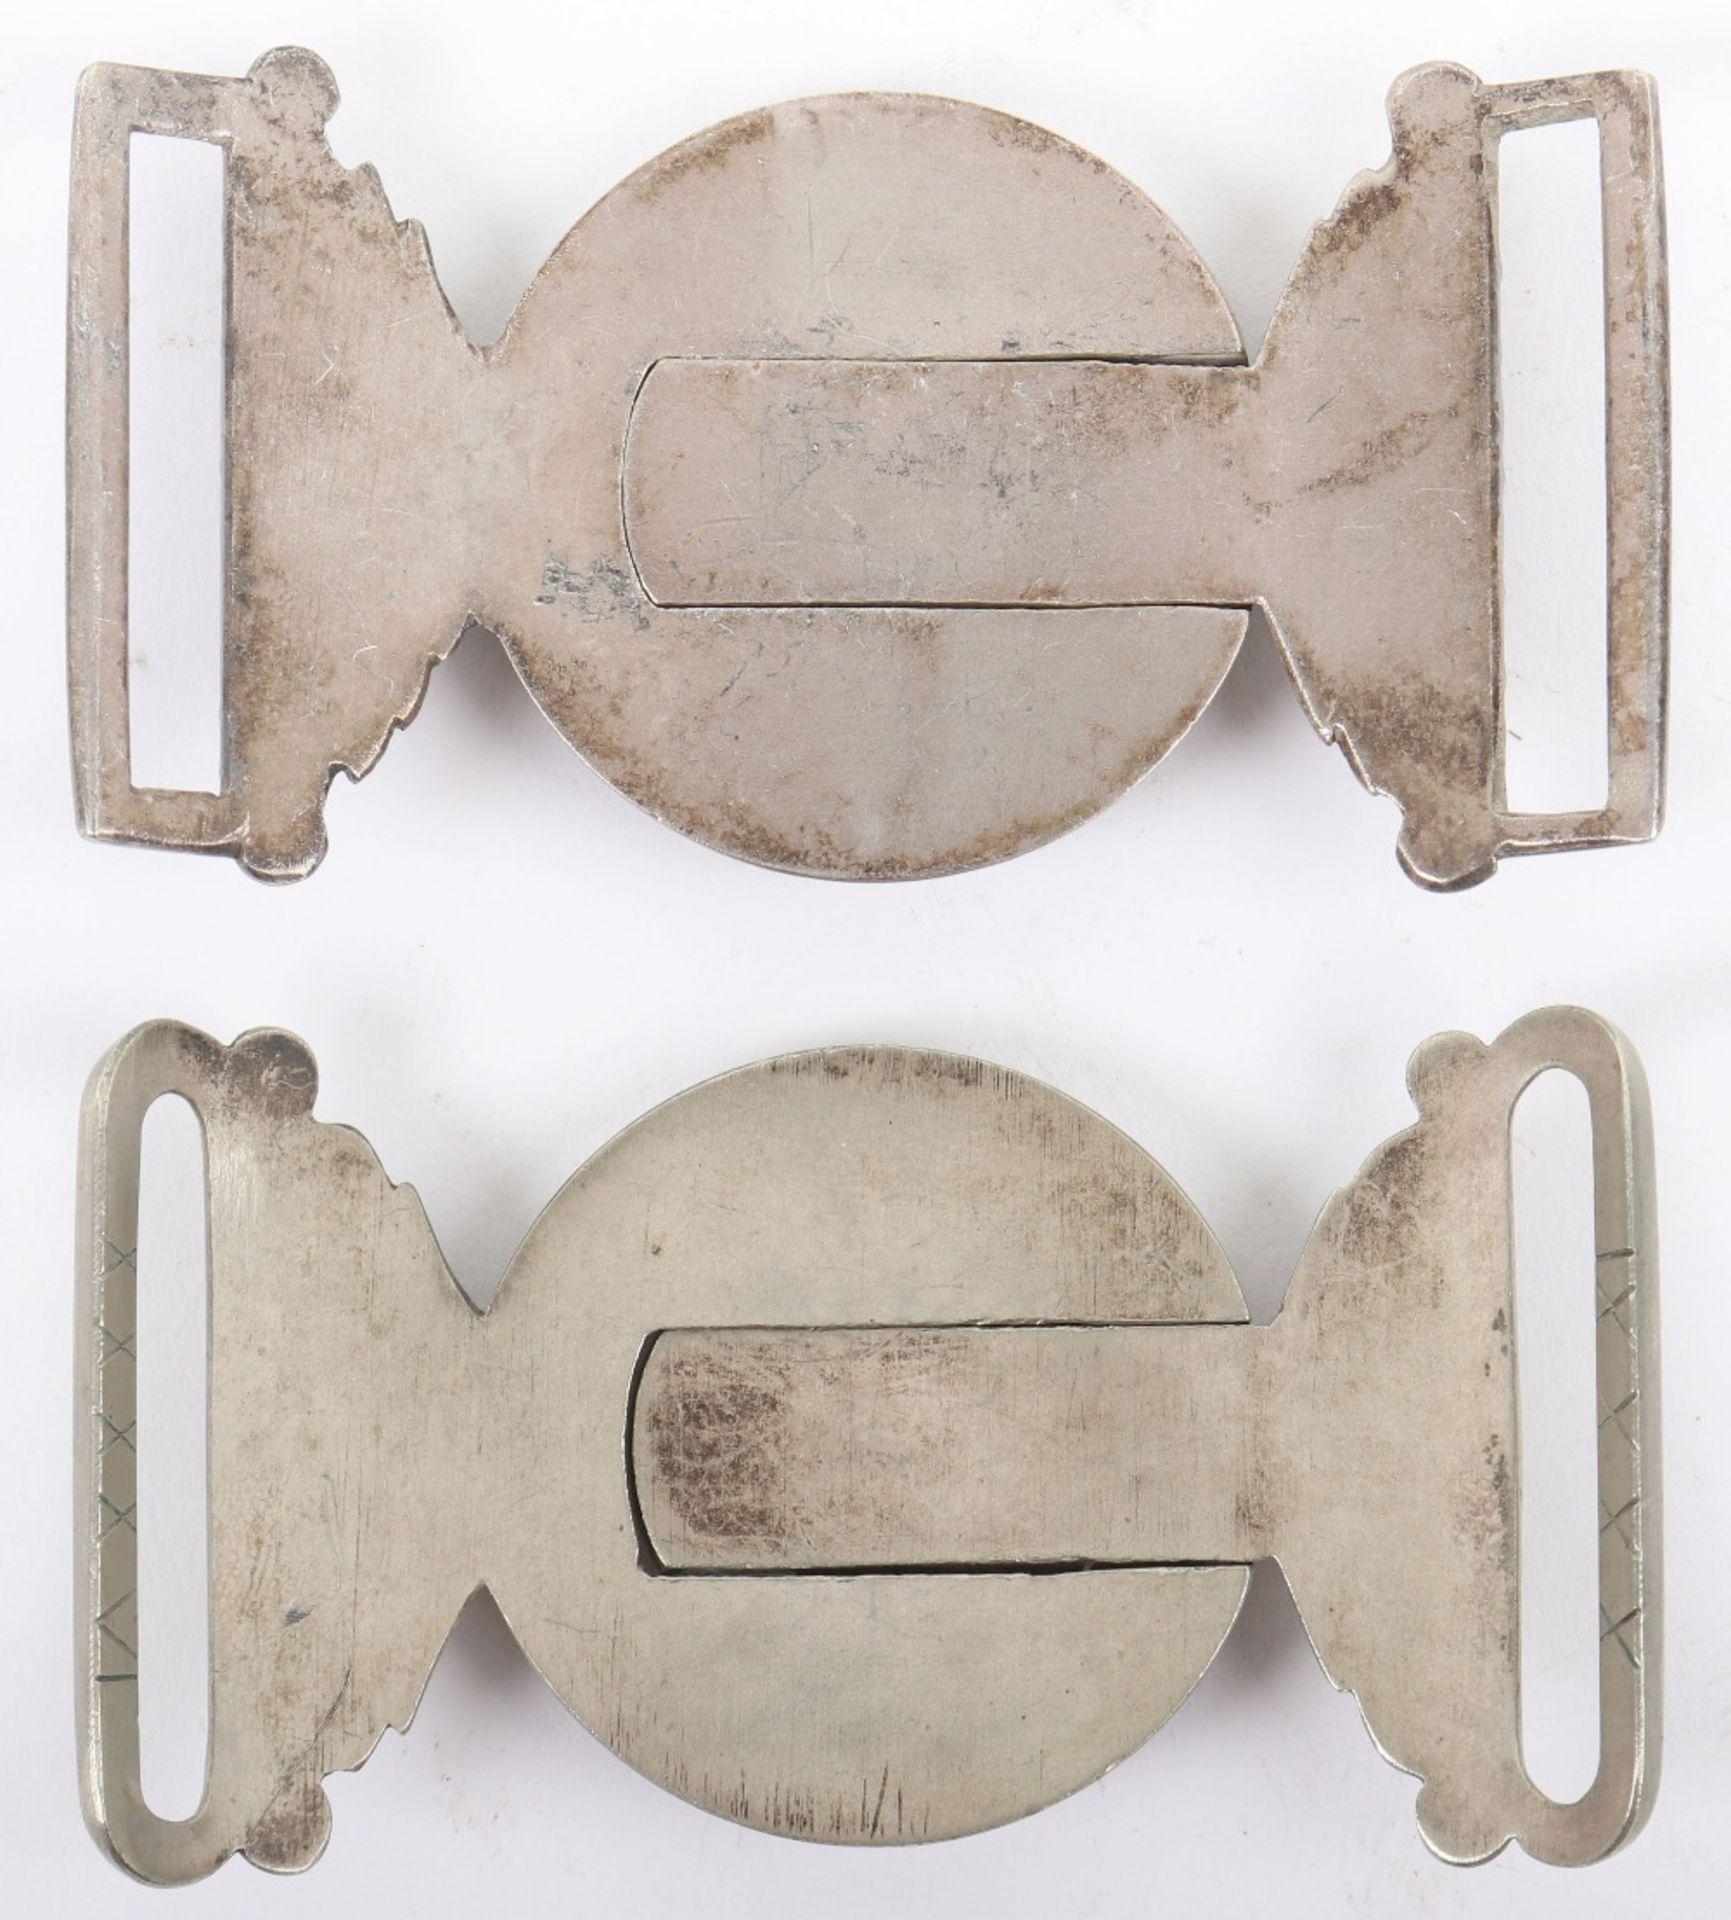 2x Victorian Levee Pattern Sword Waist Belt Buckles - Image 2 of 2